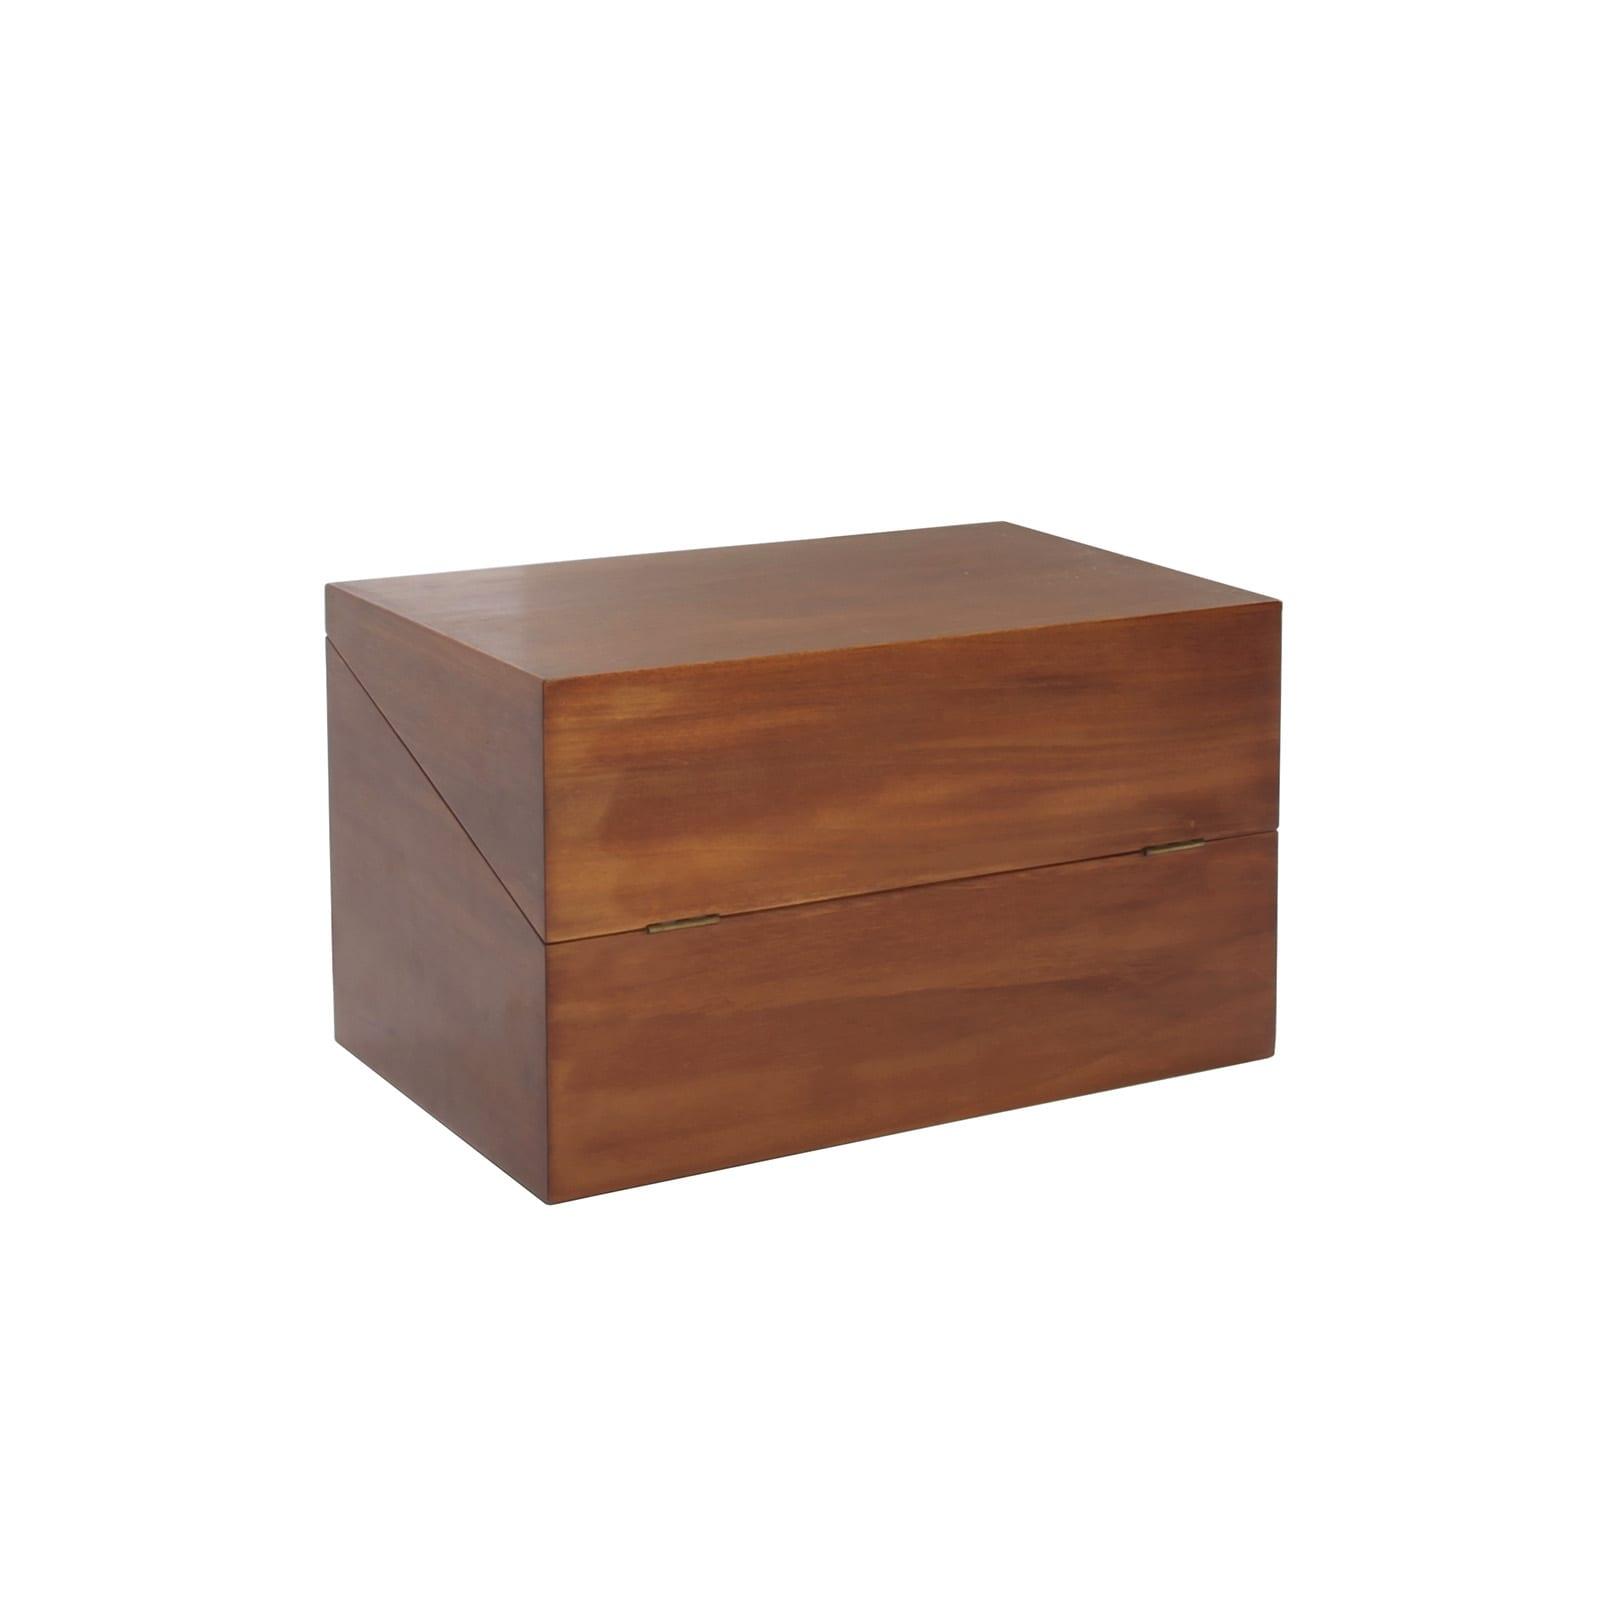 Small wall mounted vanity box